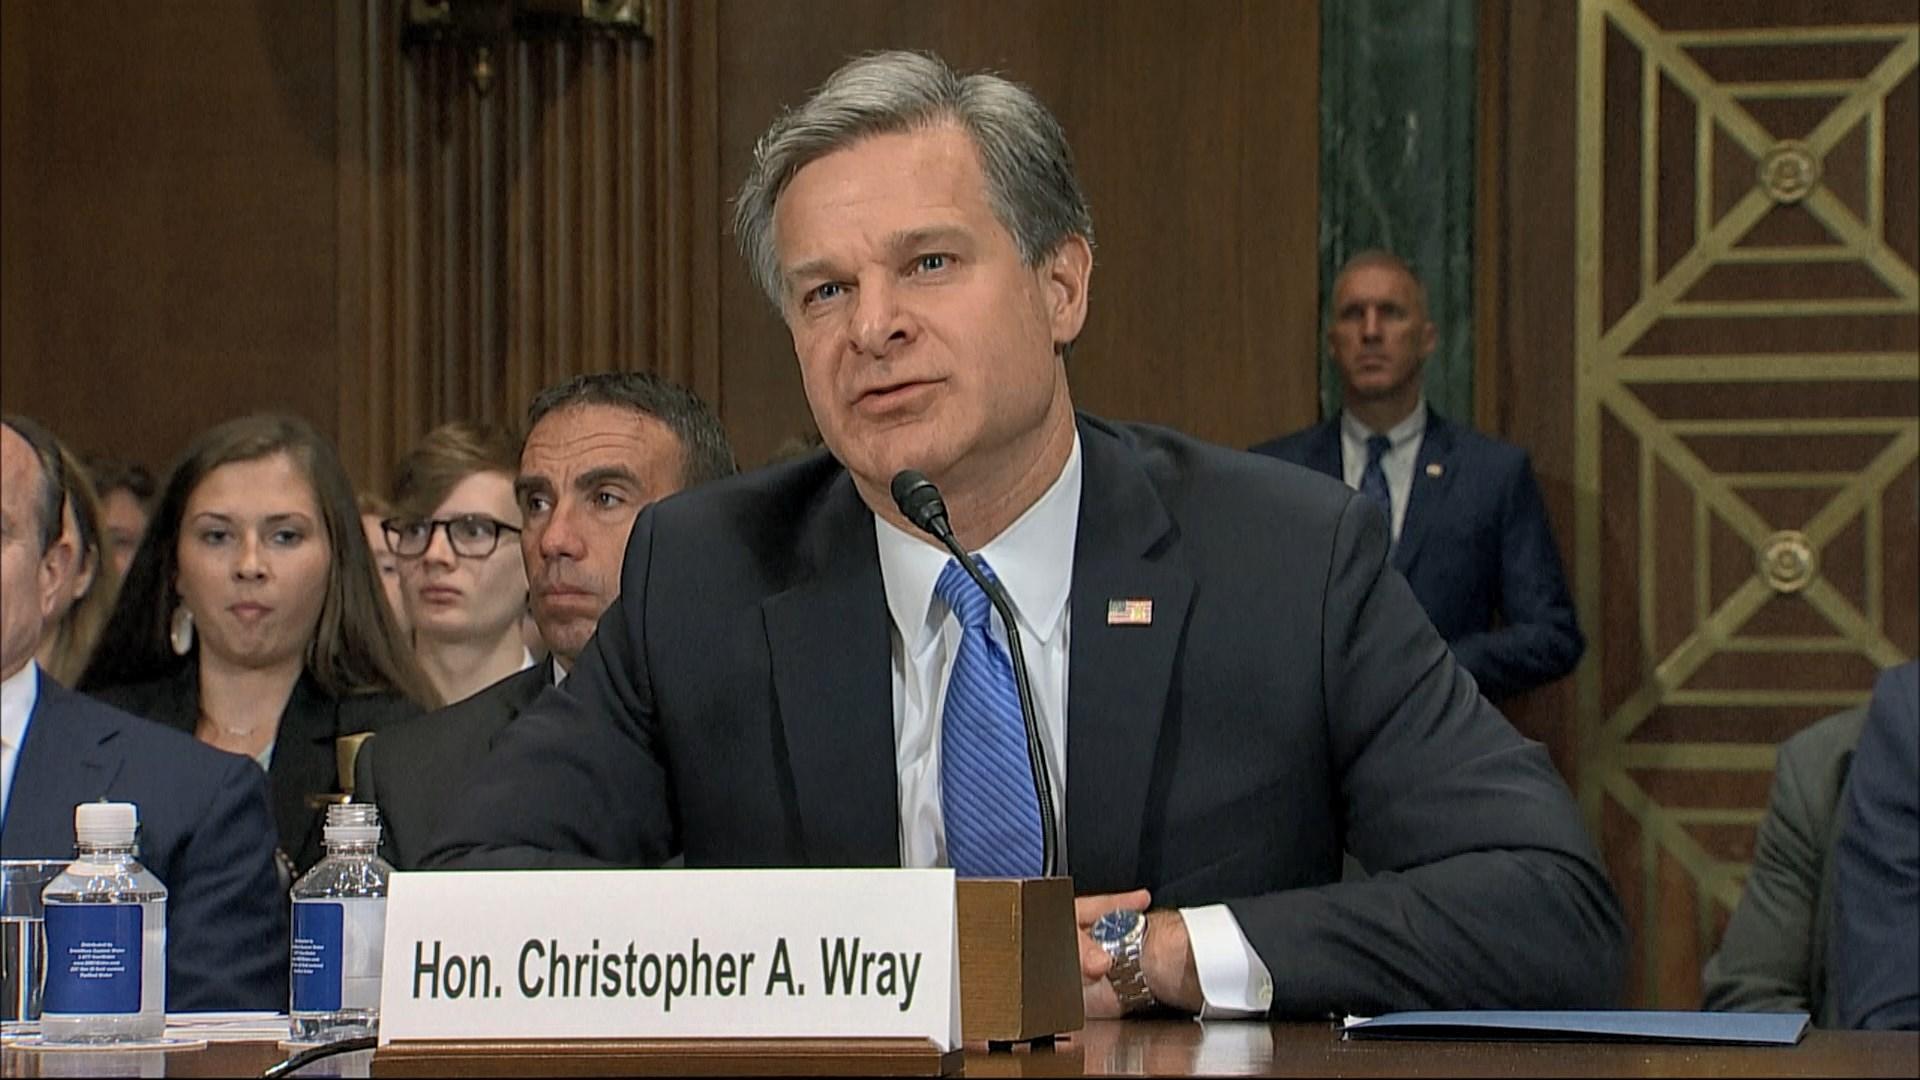 聯邦調查局長指中國是美國最大威脅